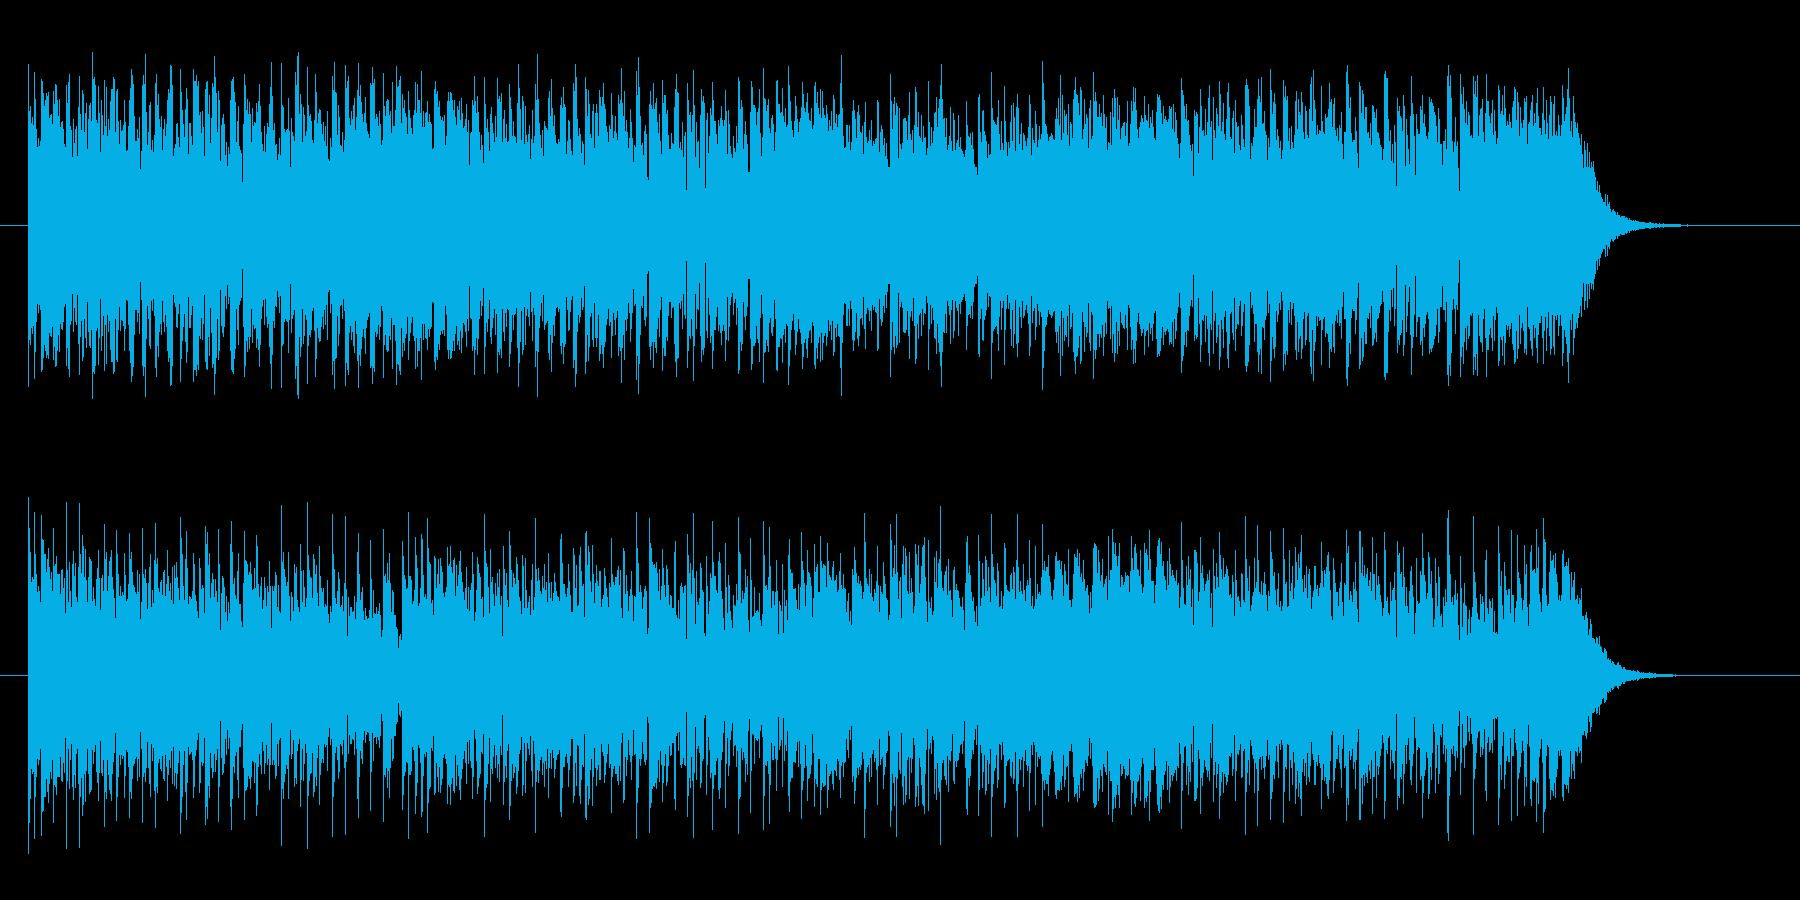 疾走感のあるシンセサイザーサウンドの再生済みの波形